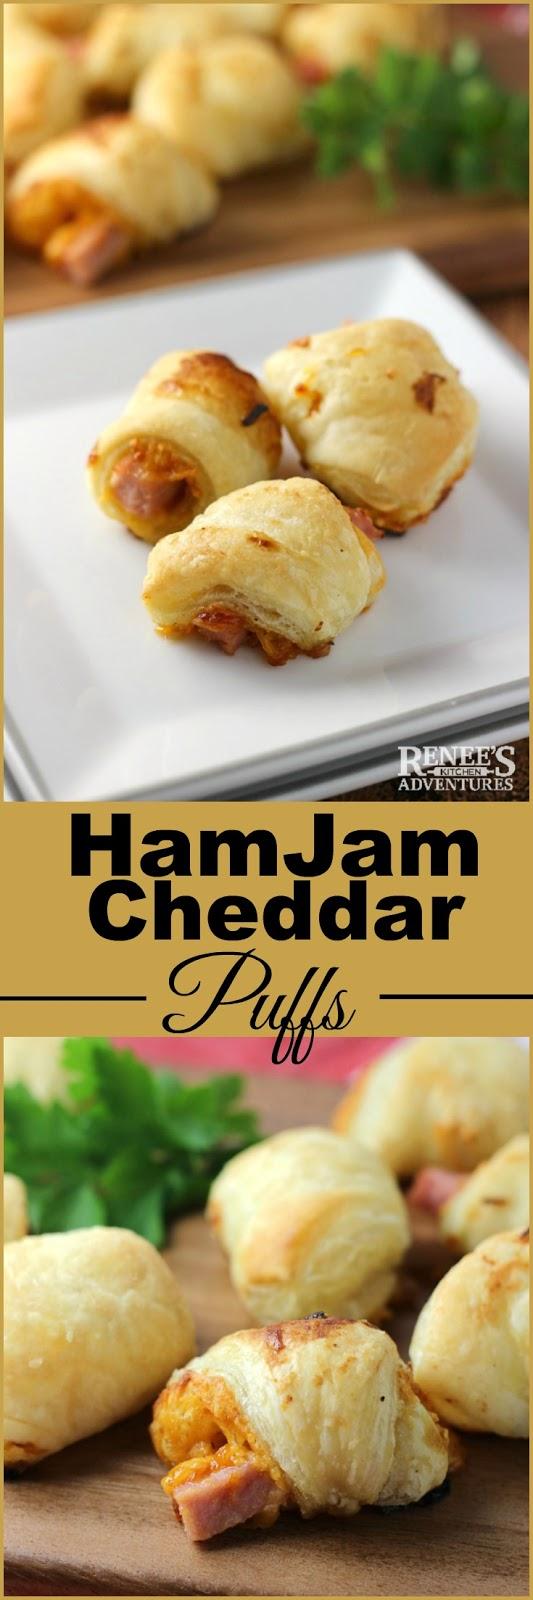 HamJam Cheddar Puffs